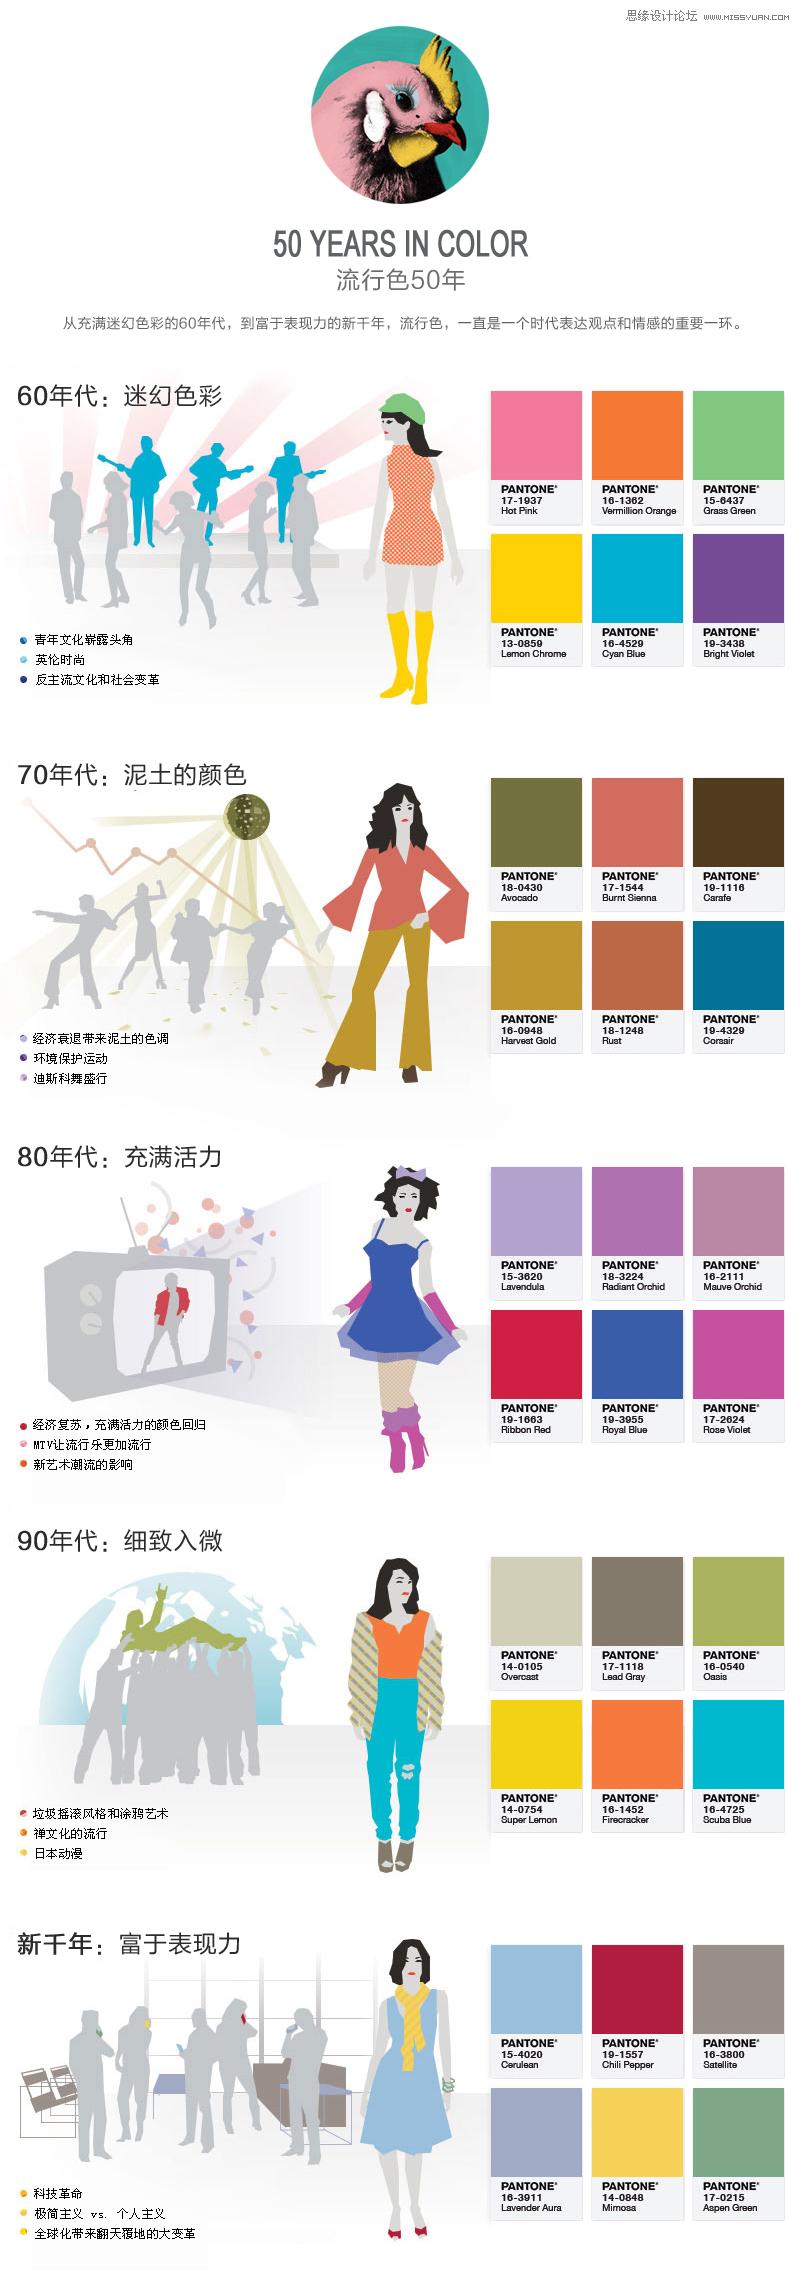 設計師們來了解一下2014年春季流行色